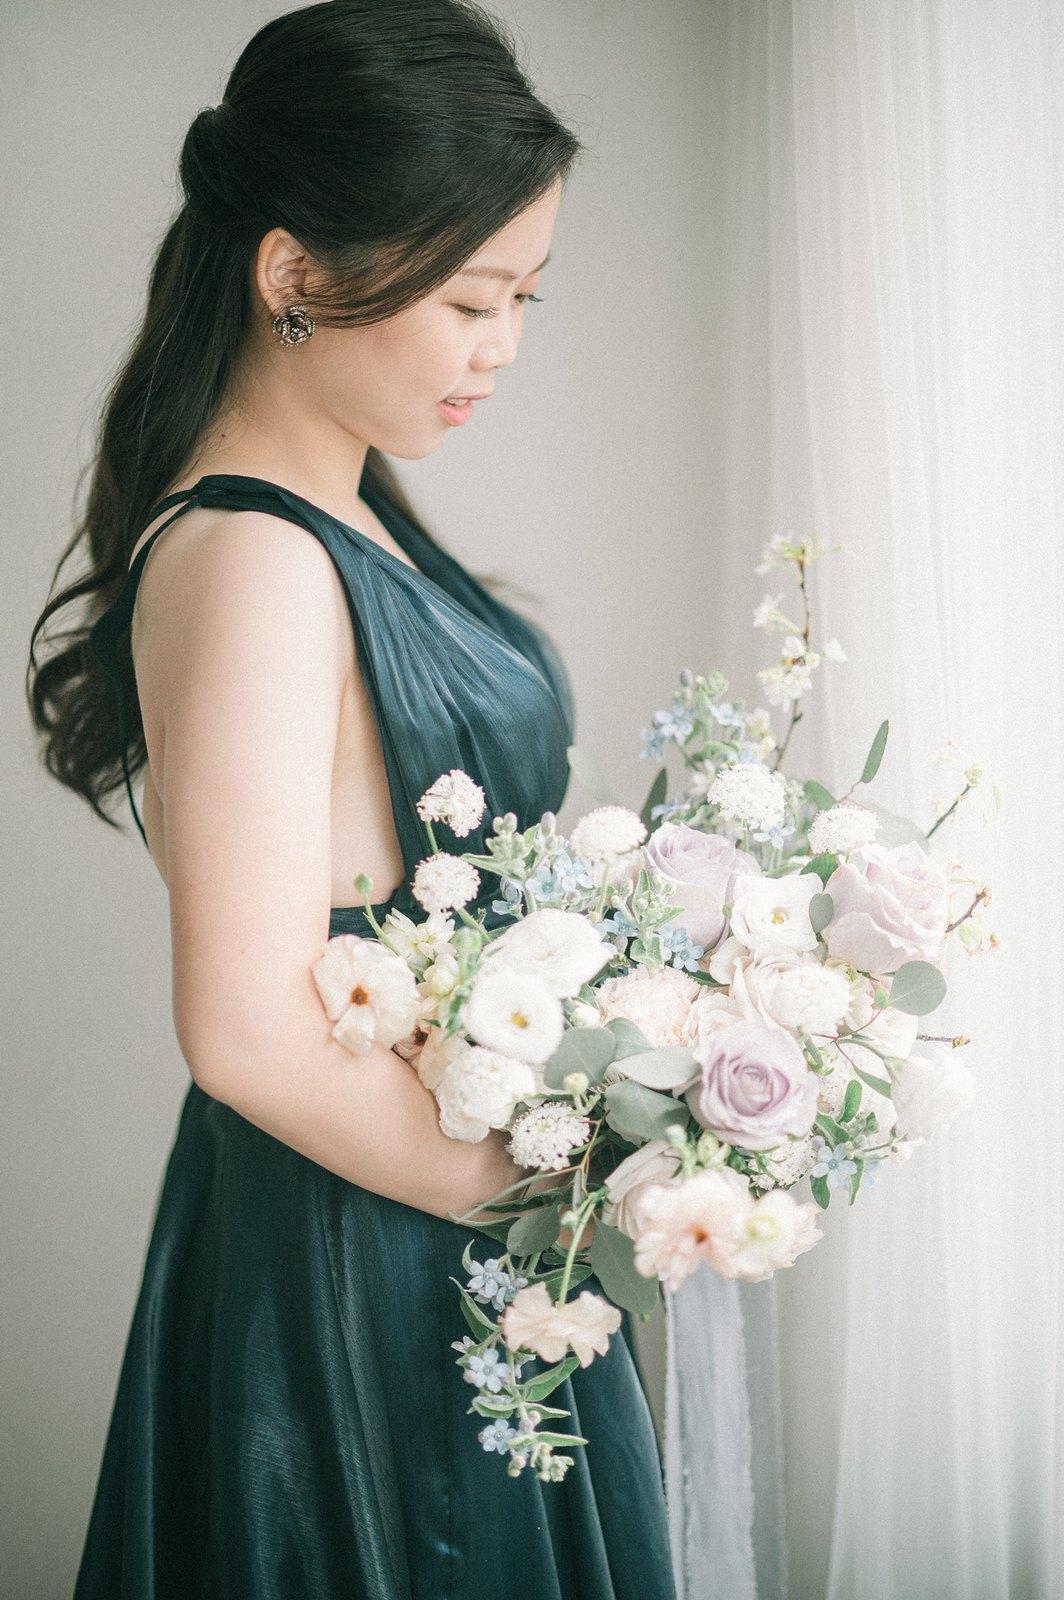 【婚紗】Jie & Nien / 台北市召會十會所 / 眷村婚紗 / 政大河堤